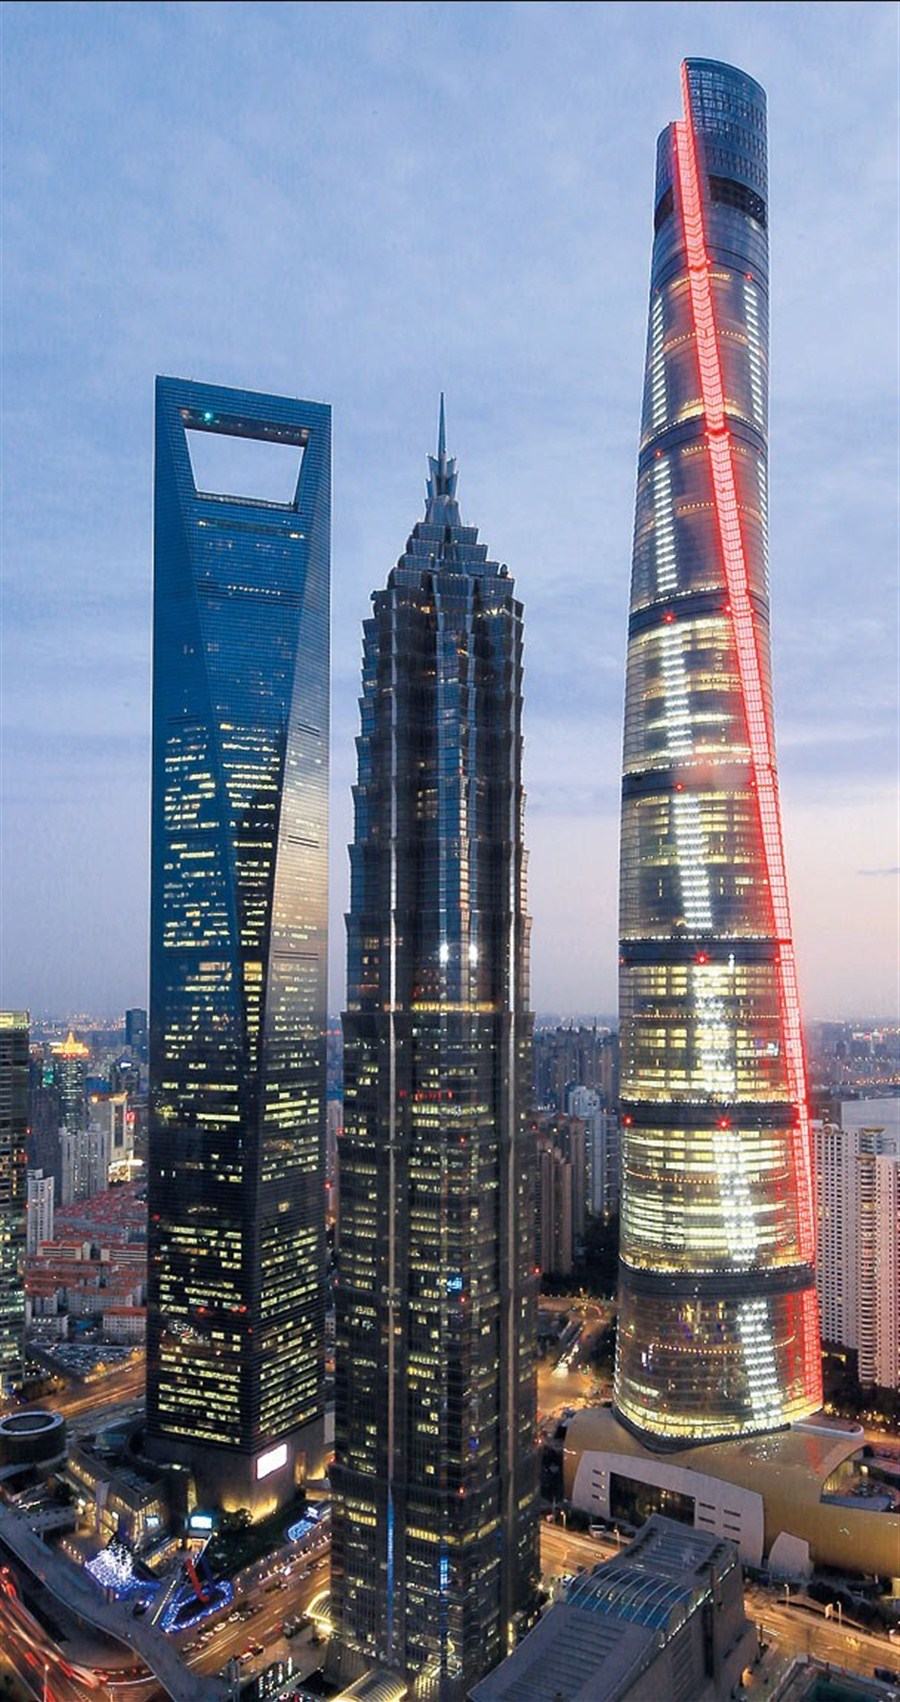 Shanghai Tower Lights Up Shanghai Daily